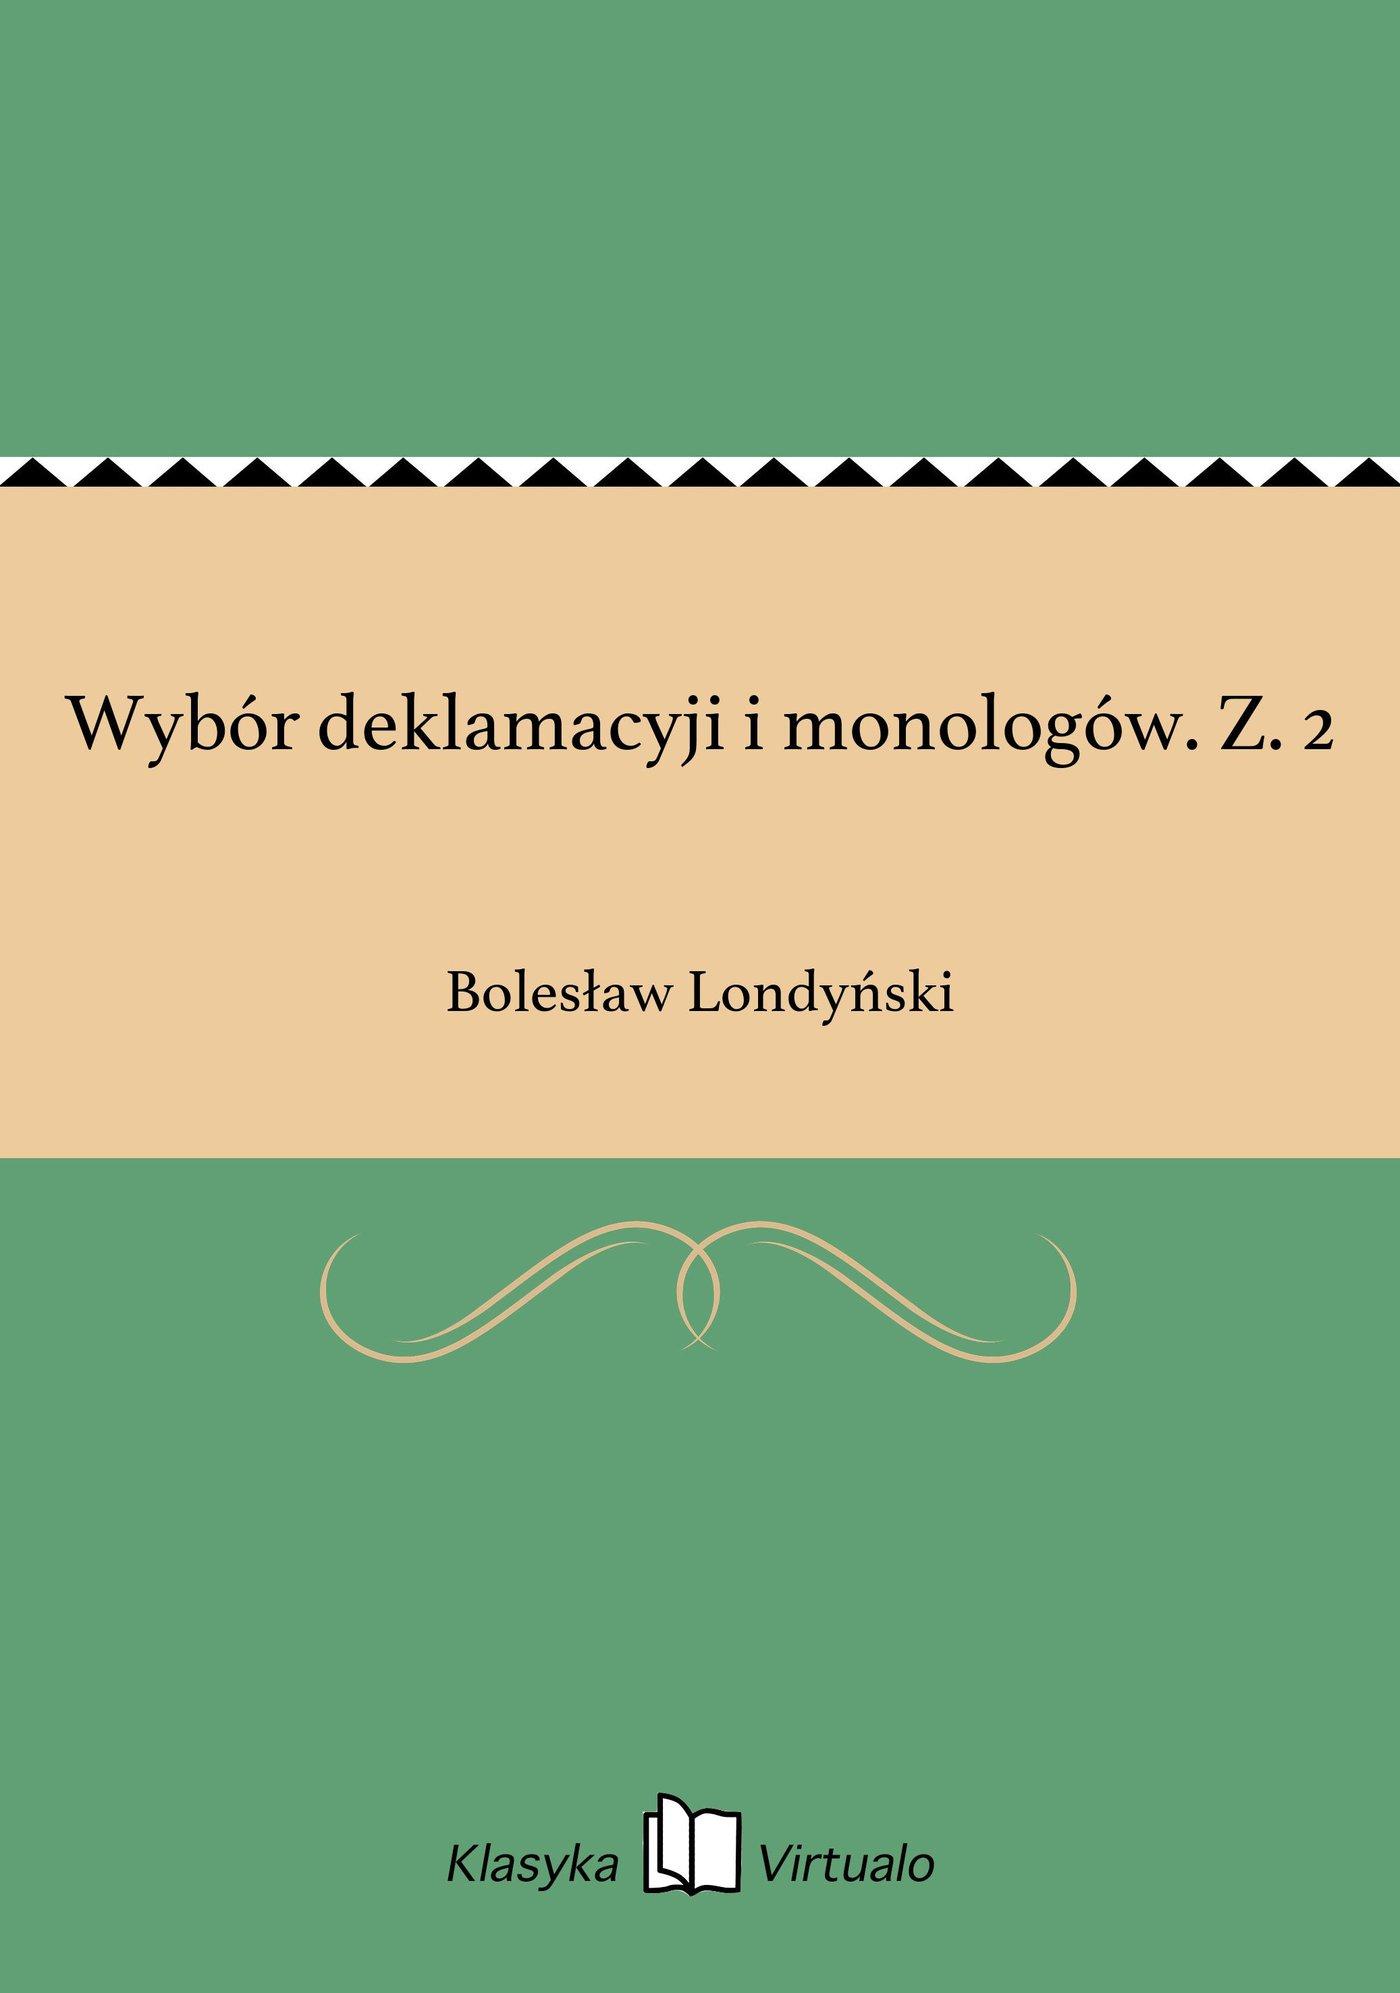 Wybór deklamacyji i monologów. Z. 2 - Ebook (Książka EPUB) do pobrania w formacie EPUB